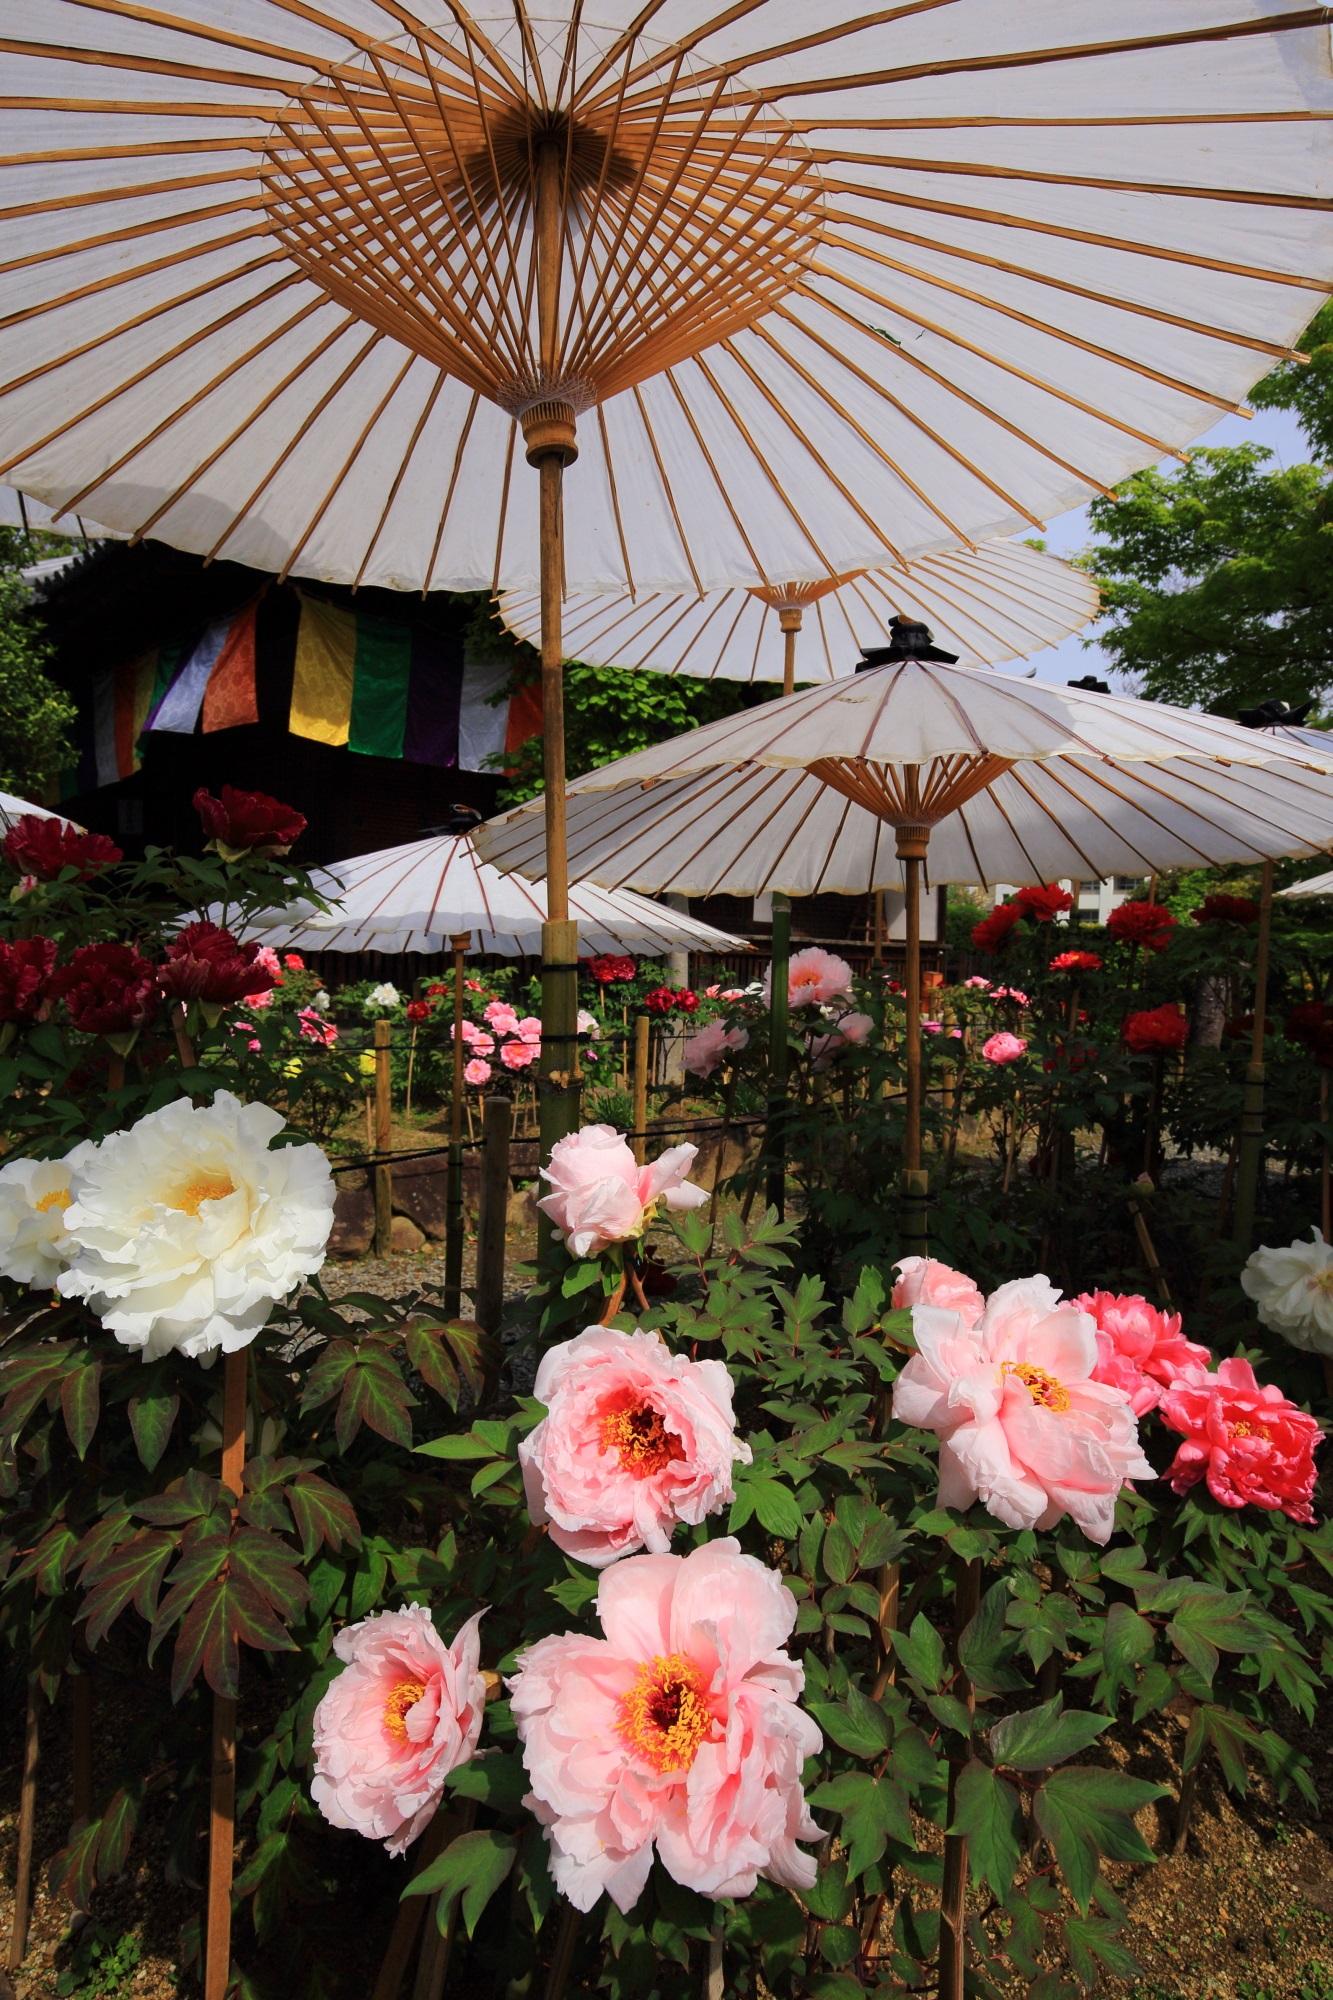 風情ある白い和傘の下で咲き誇るたくさんの牡丹の花